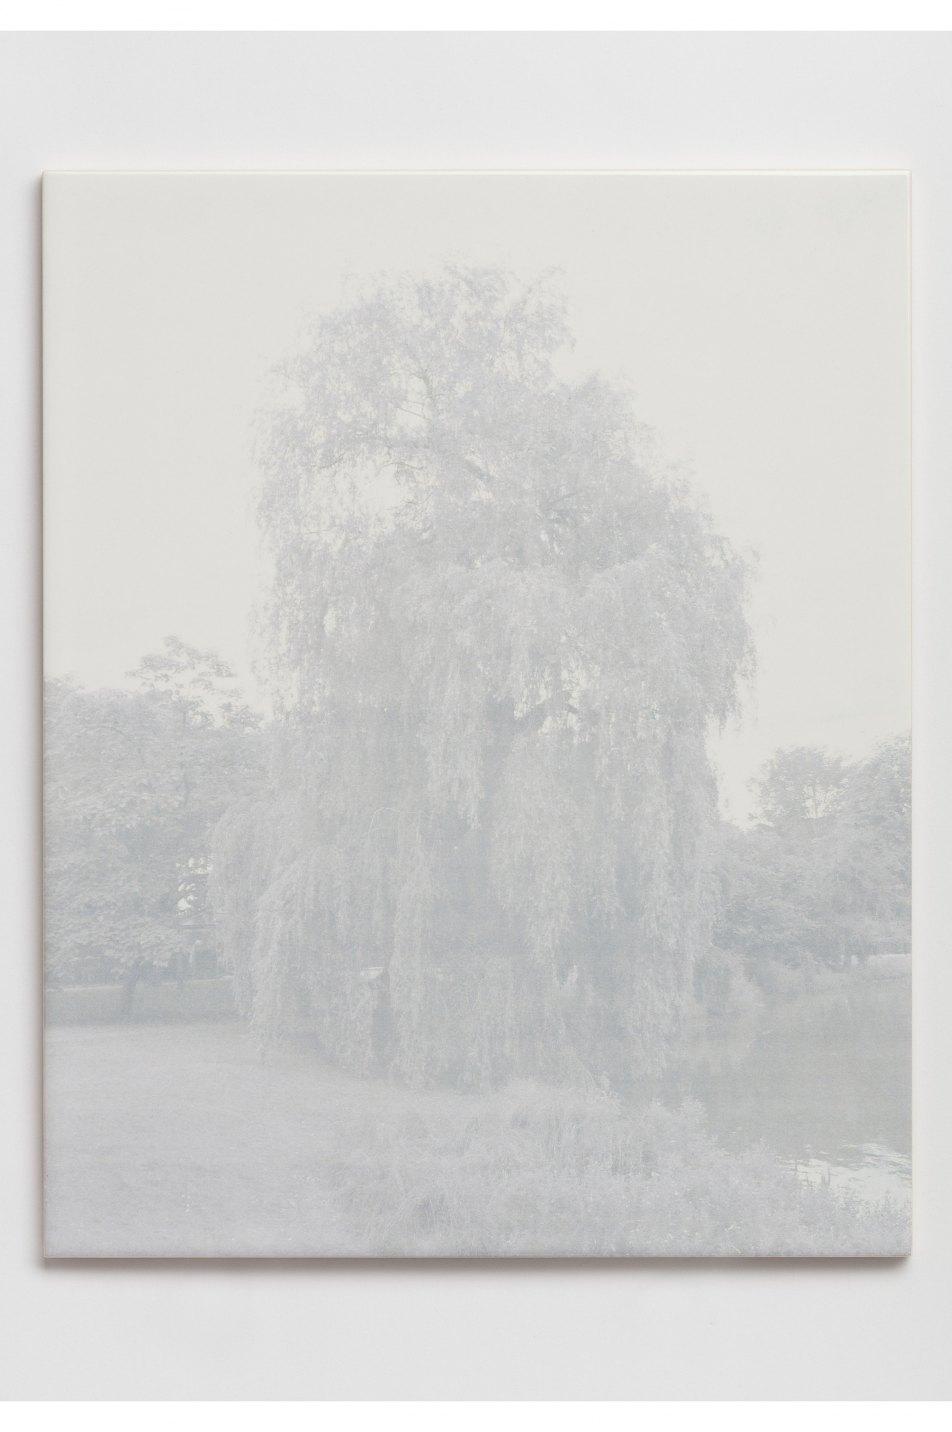 Prem Sahib,<em>Parc de Woluwe, Brussels</em>,2017, digital print on ceramic tile, 25 × 20 cm - Mendes Wood DM